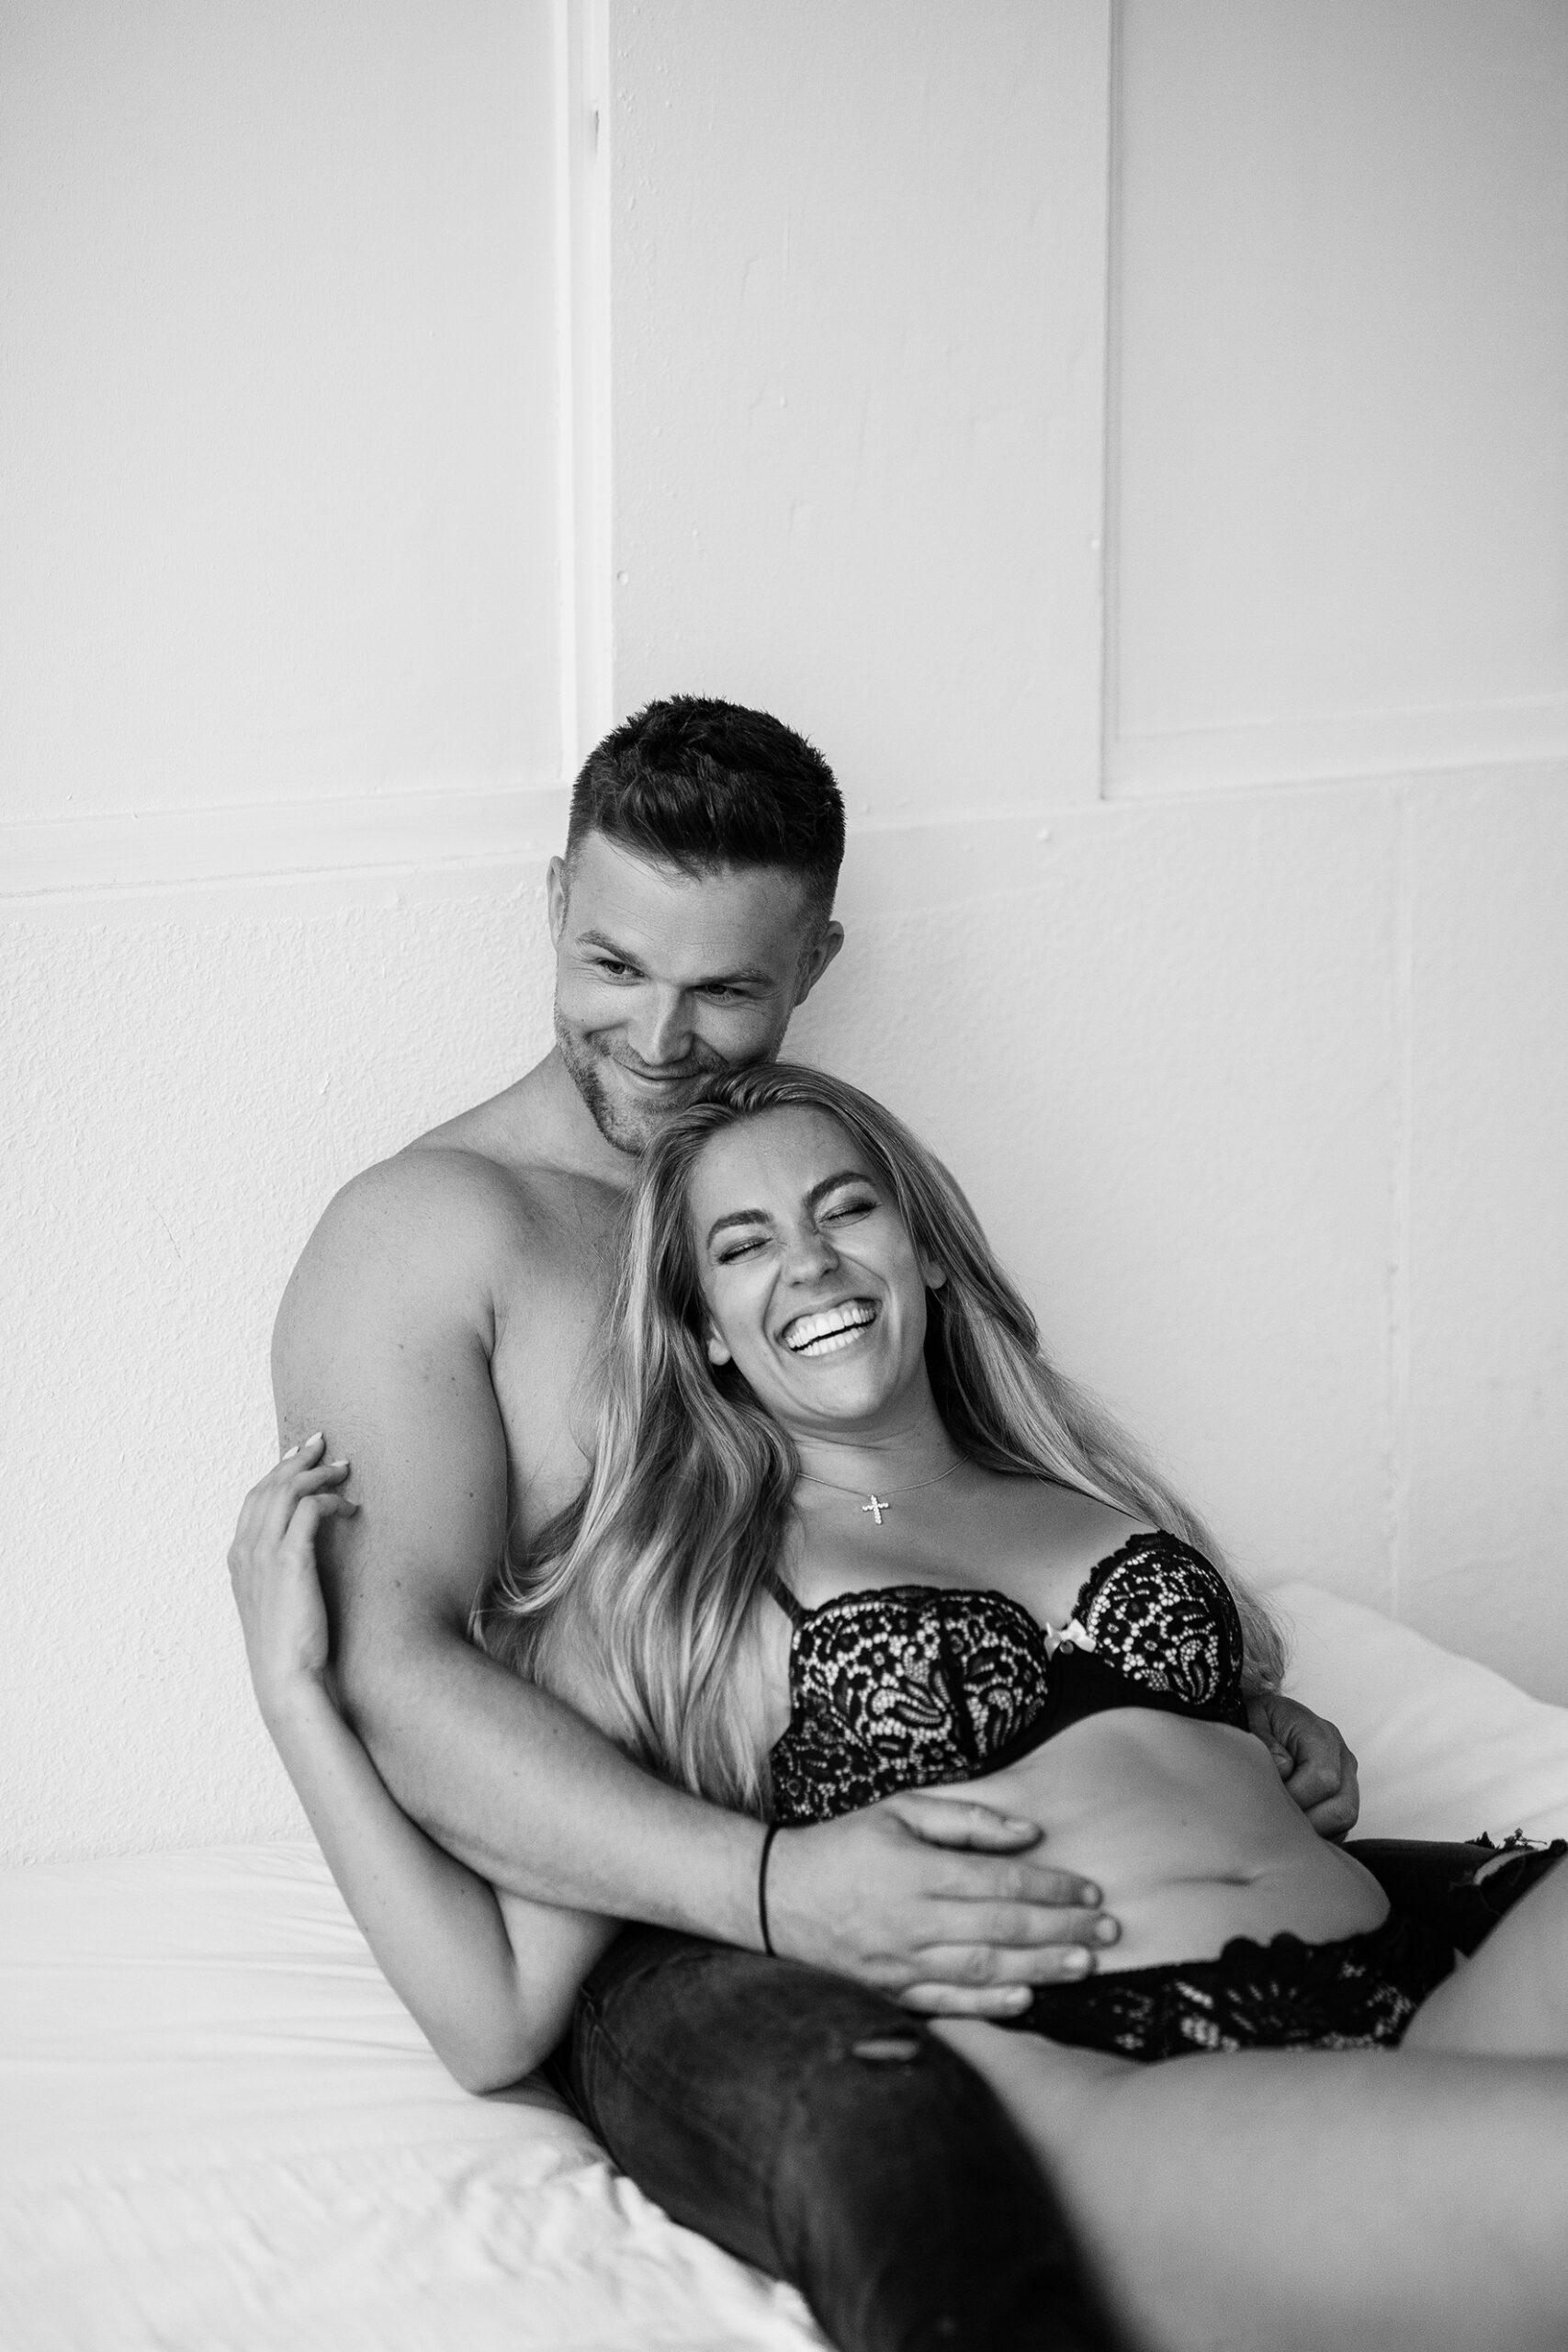 Paar liegt in Dessous auf einem Bett für Couple Boudoir fotos